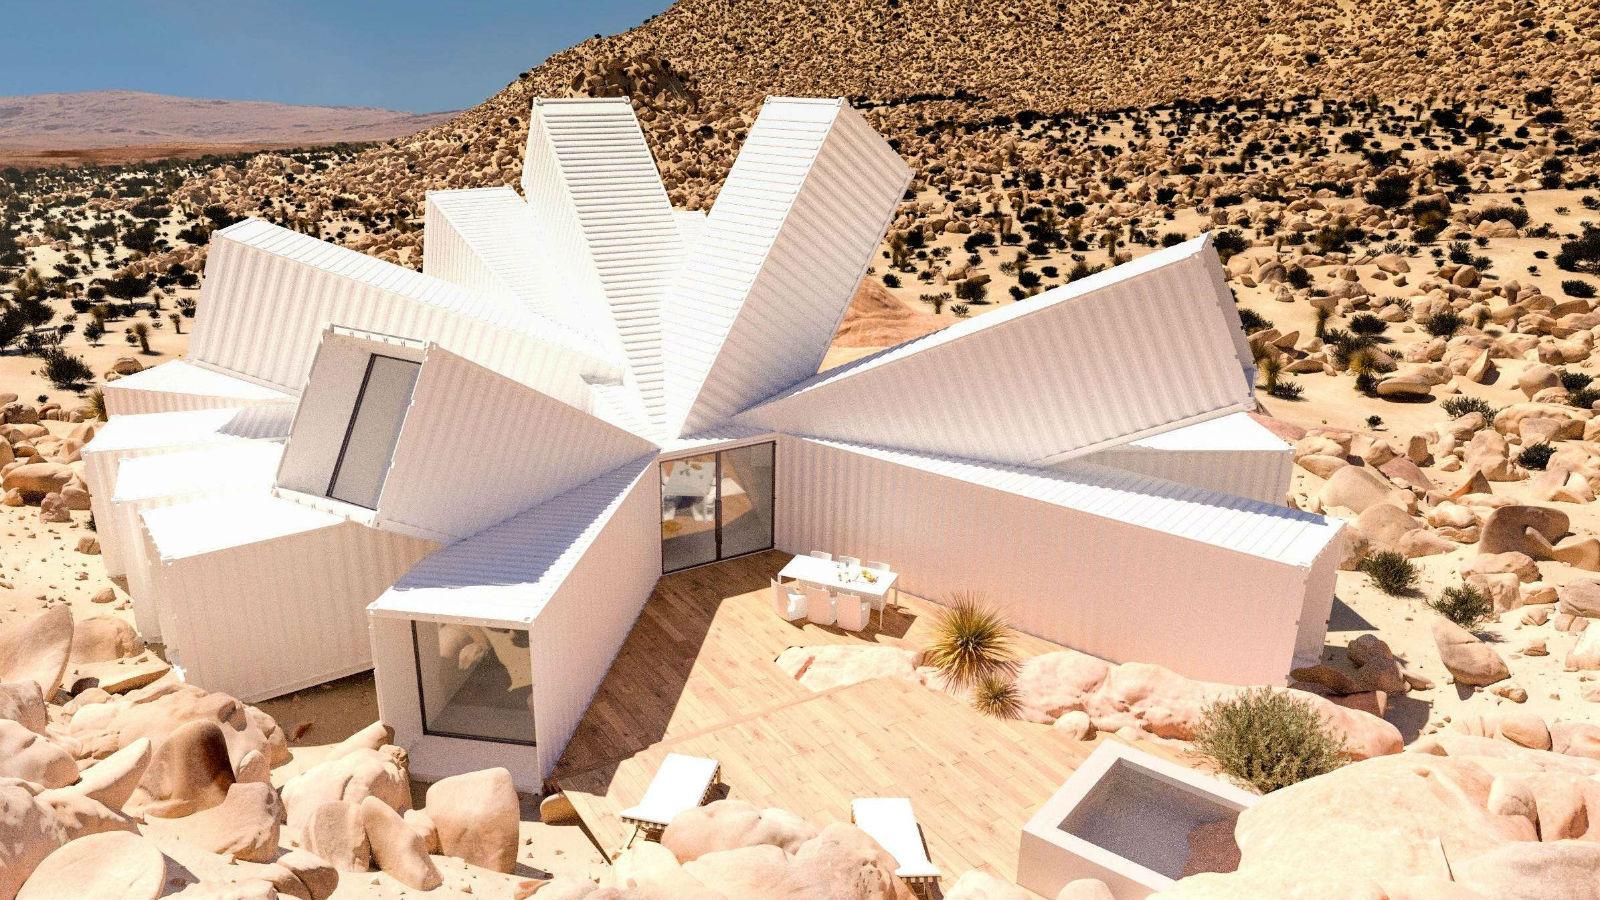 architetture-impossibili:-quando-il-design-ci-sorprende